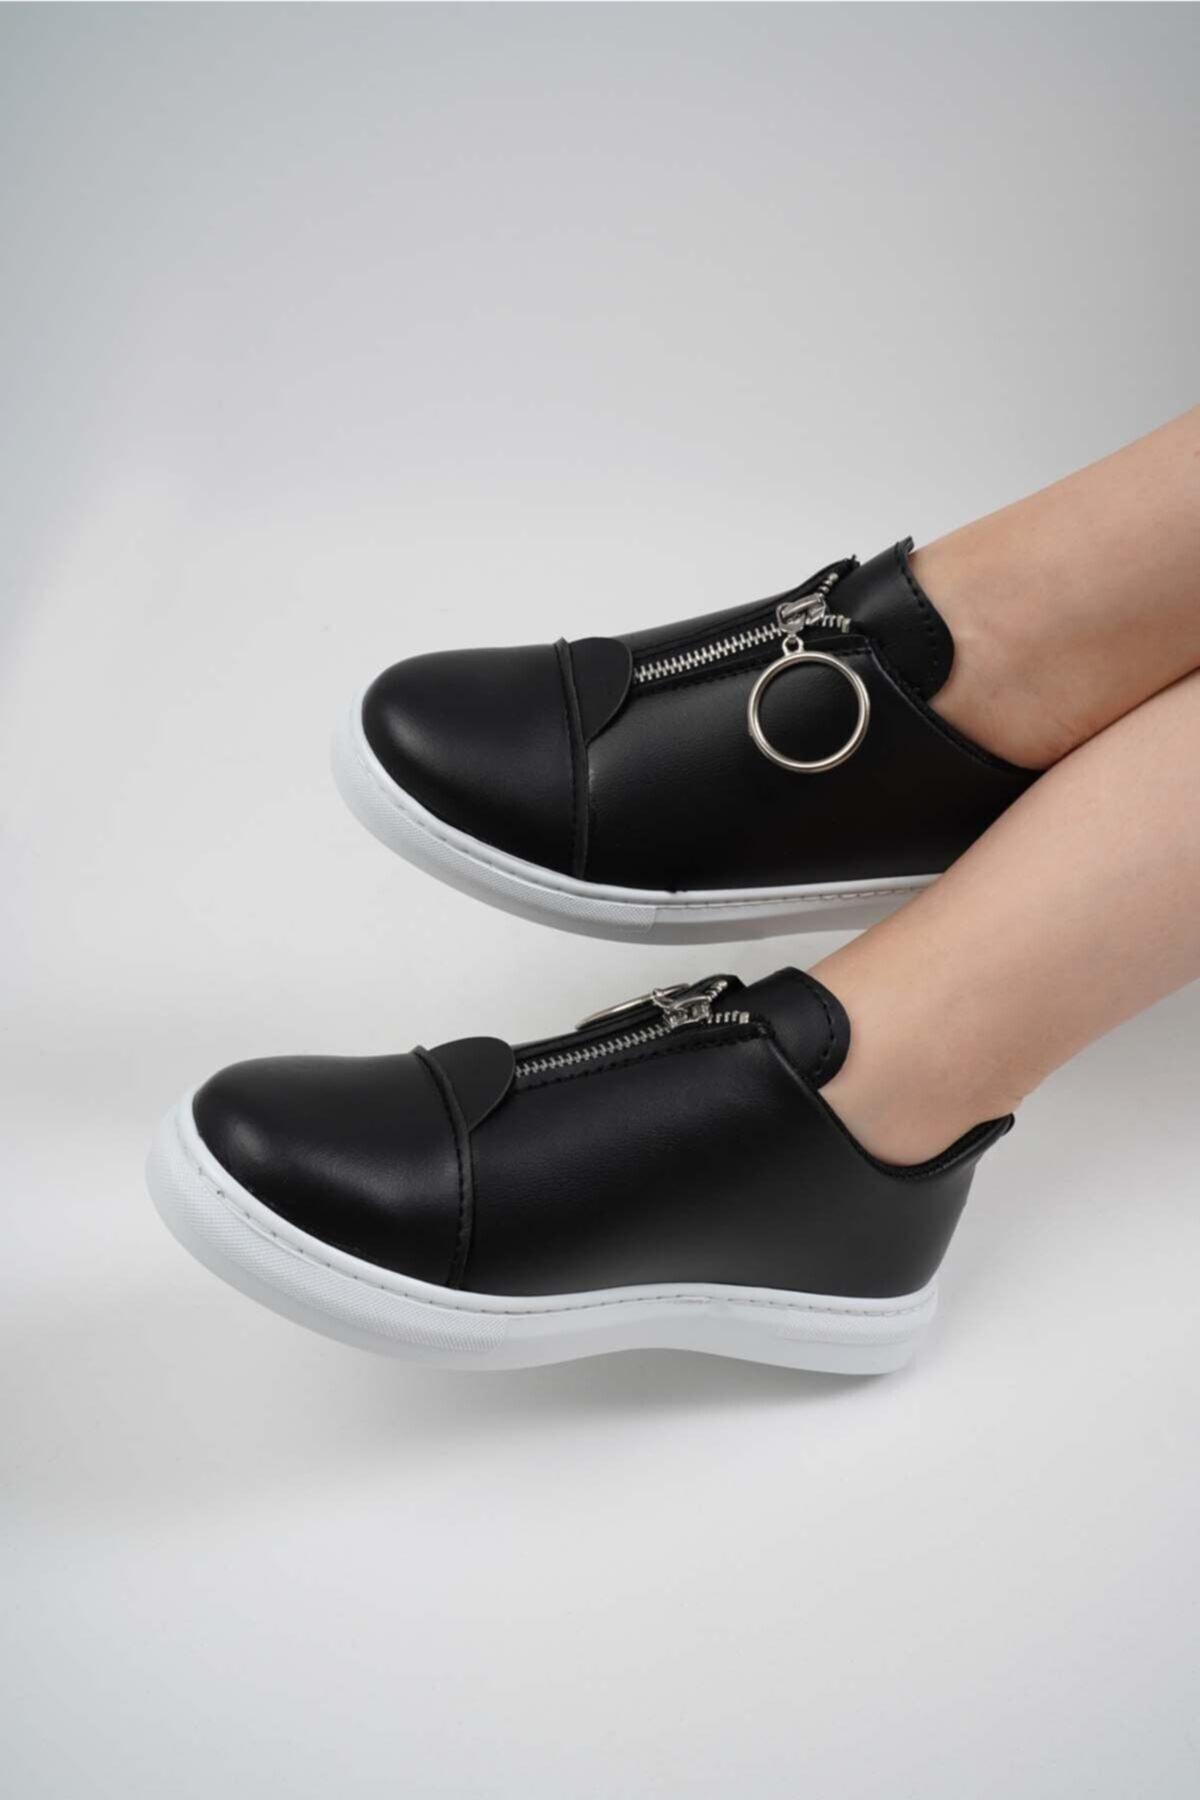 KÖSE AYAKKABI Kadın Siyah Önden Fermuarlı Ayakkabı 2